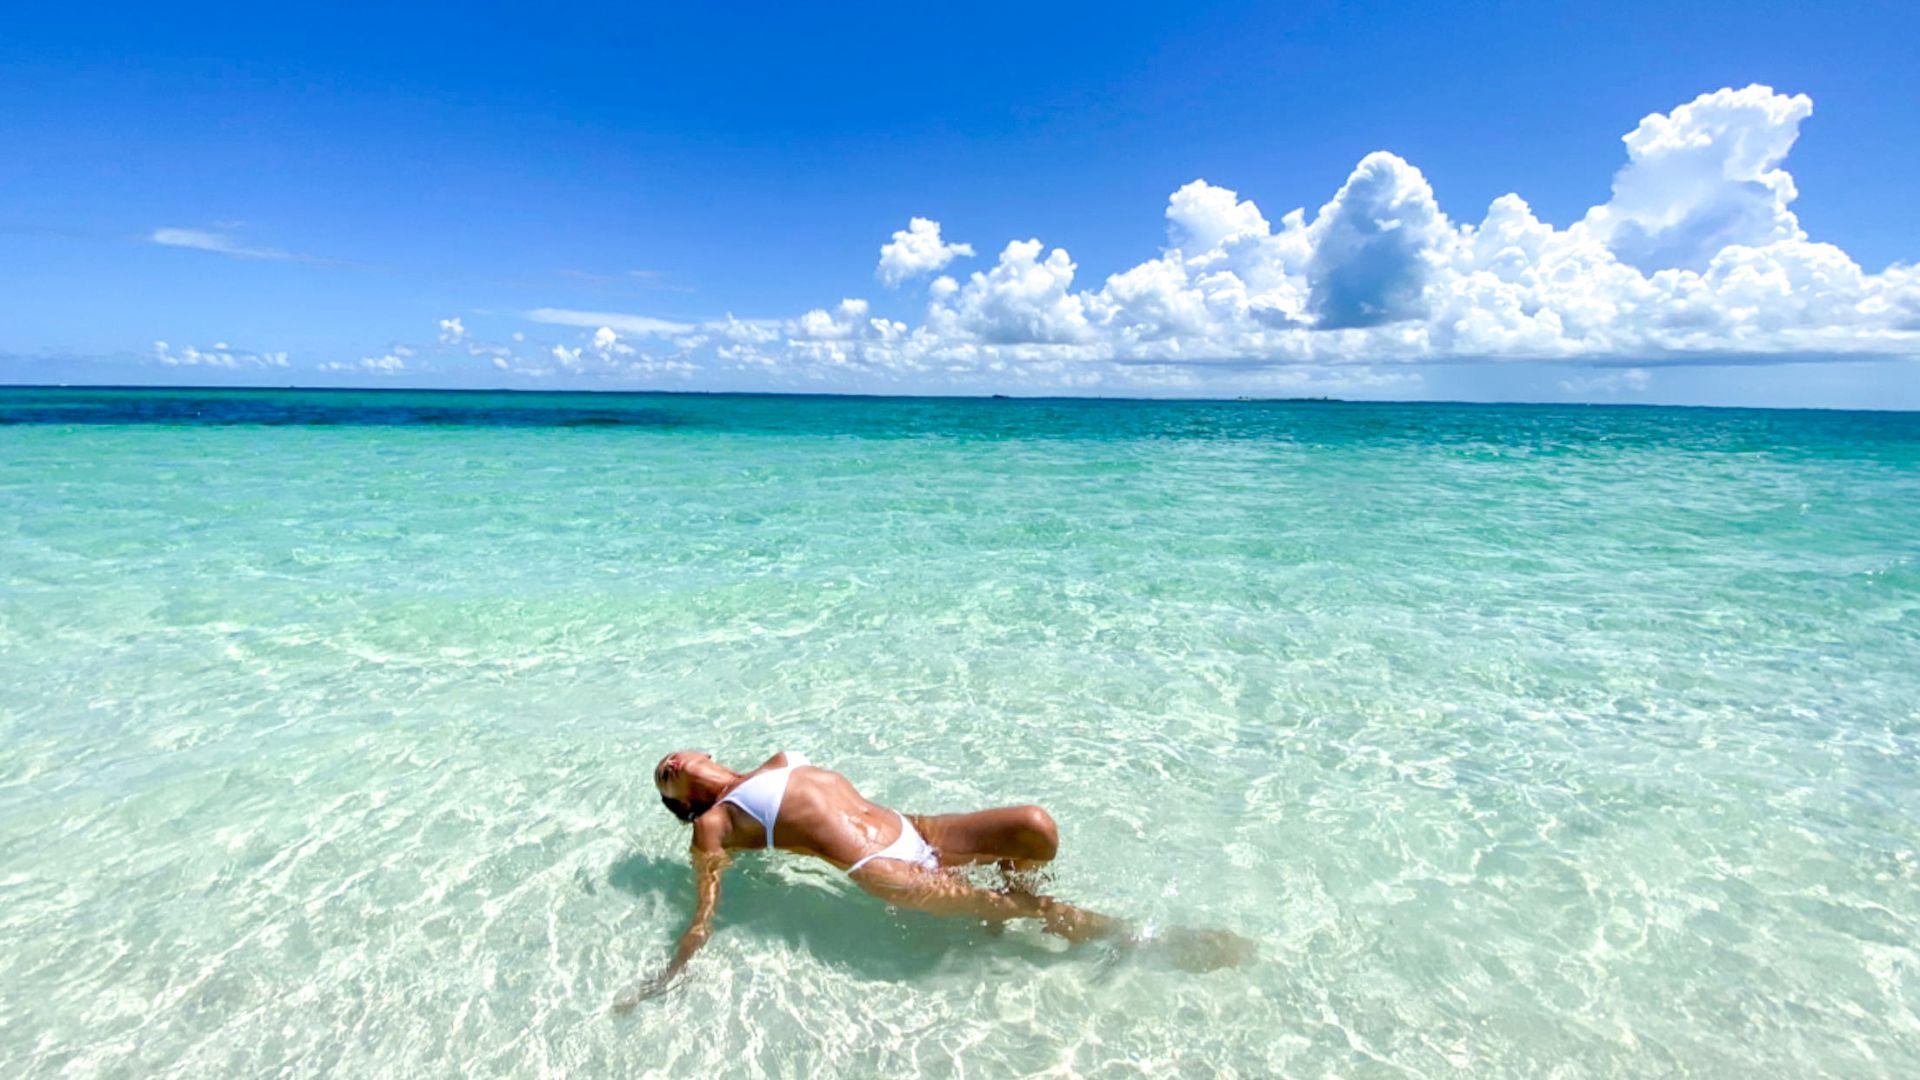 Irina Shayk Sexy White Bikini